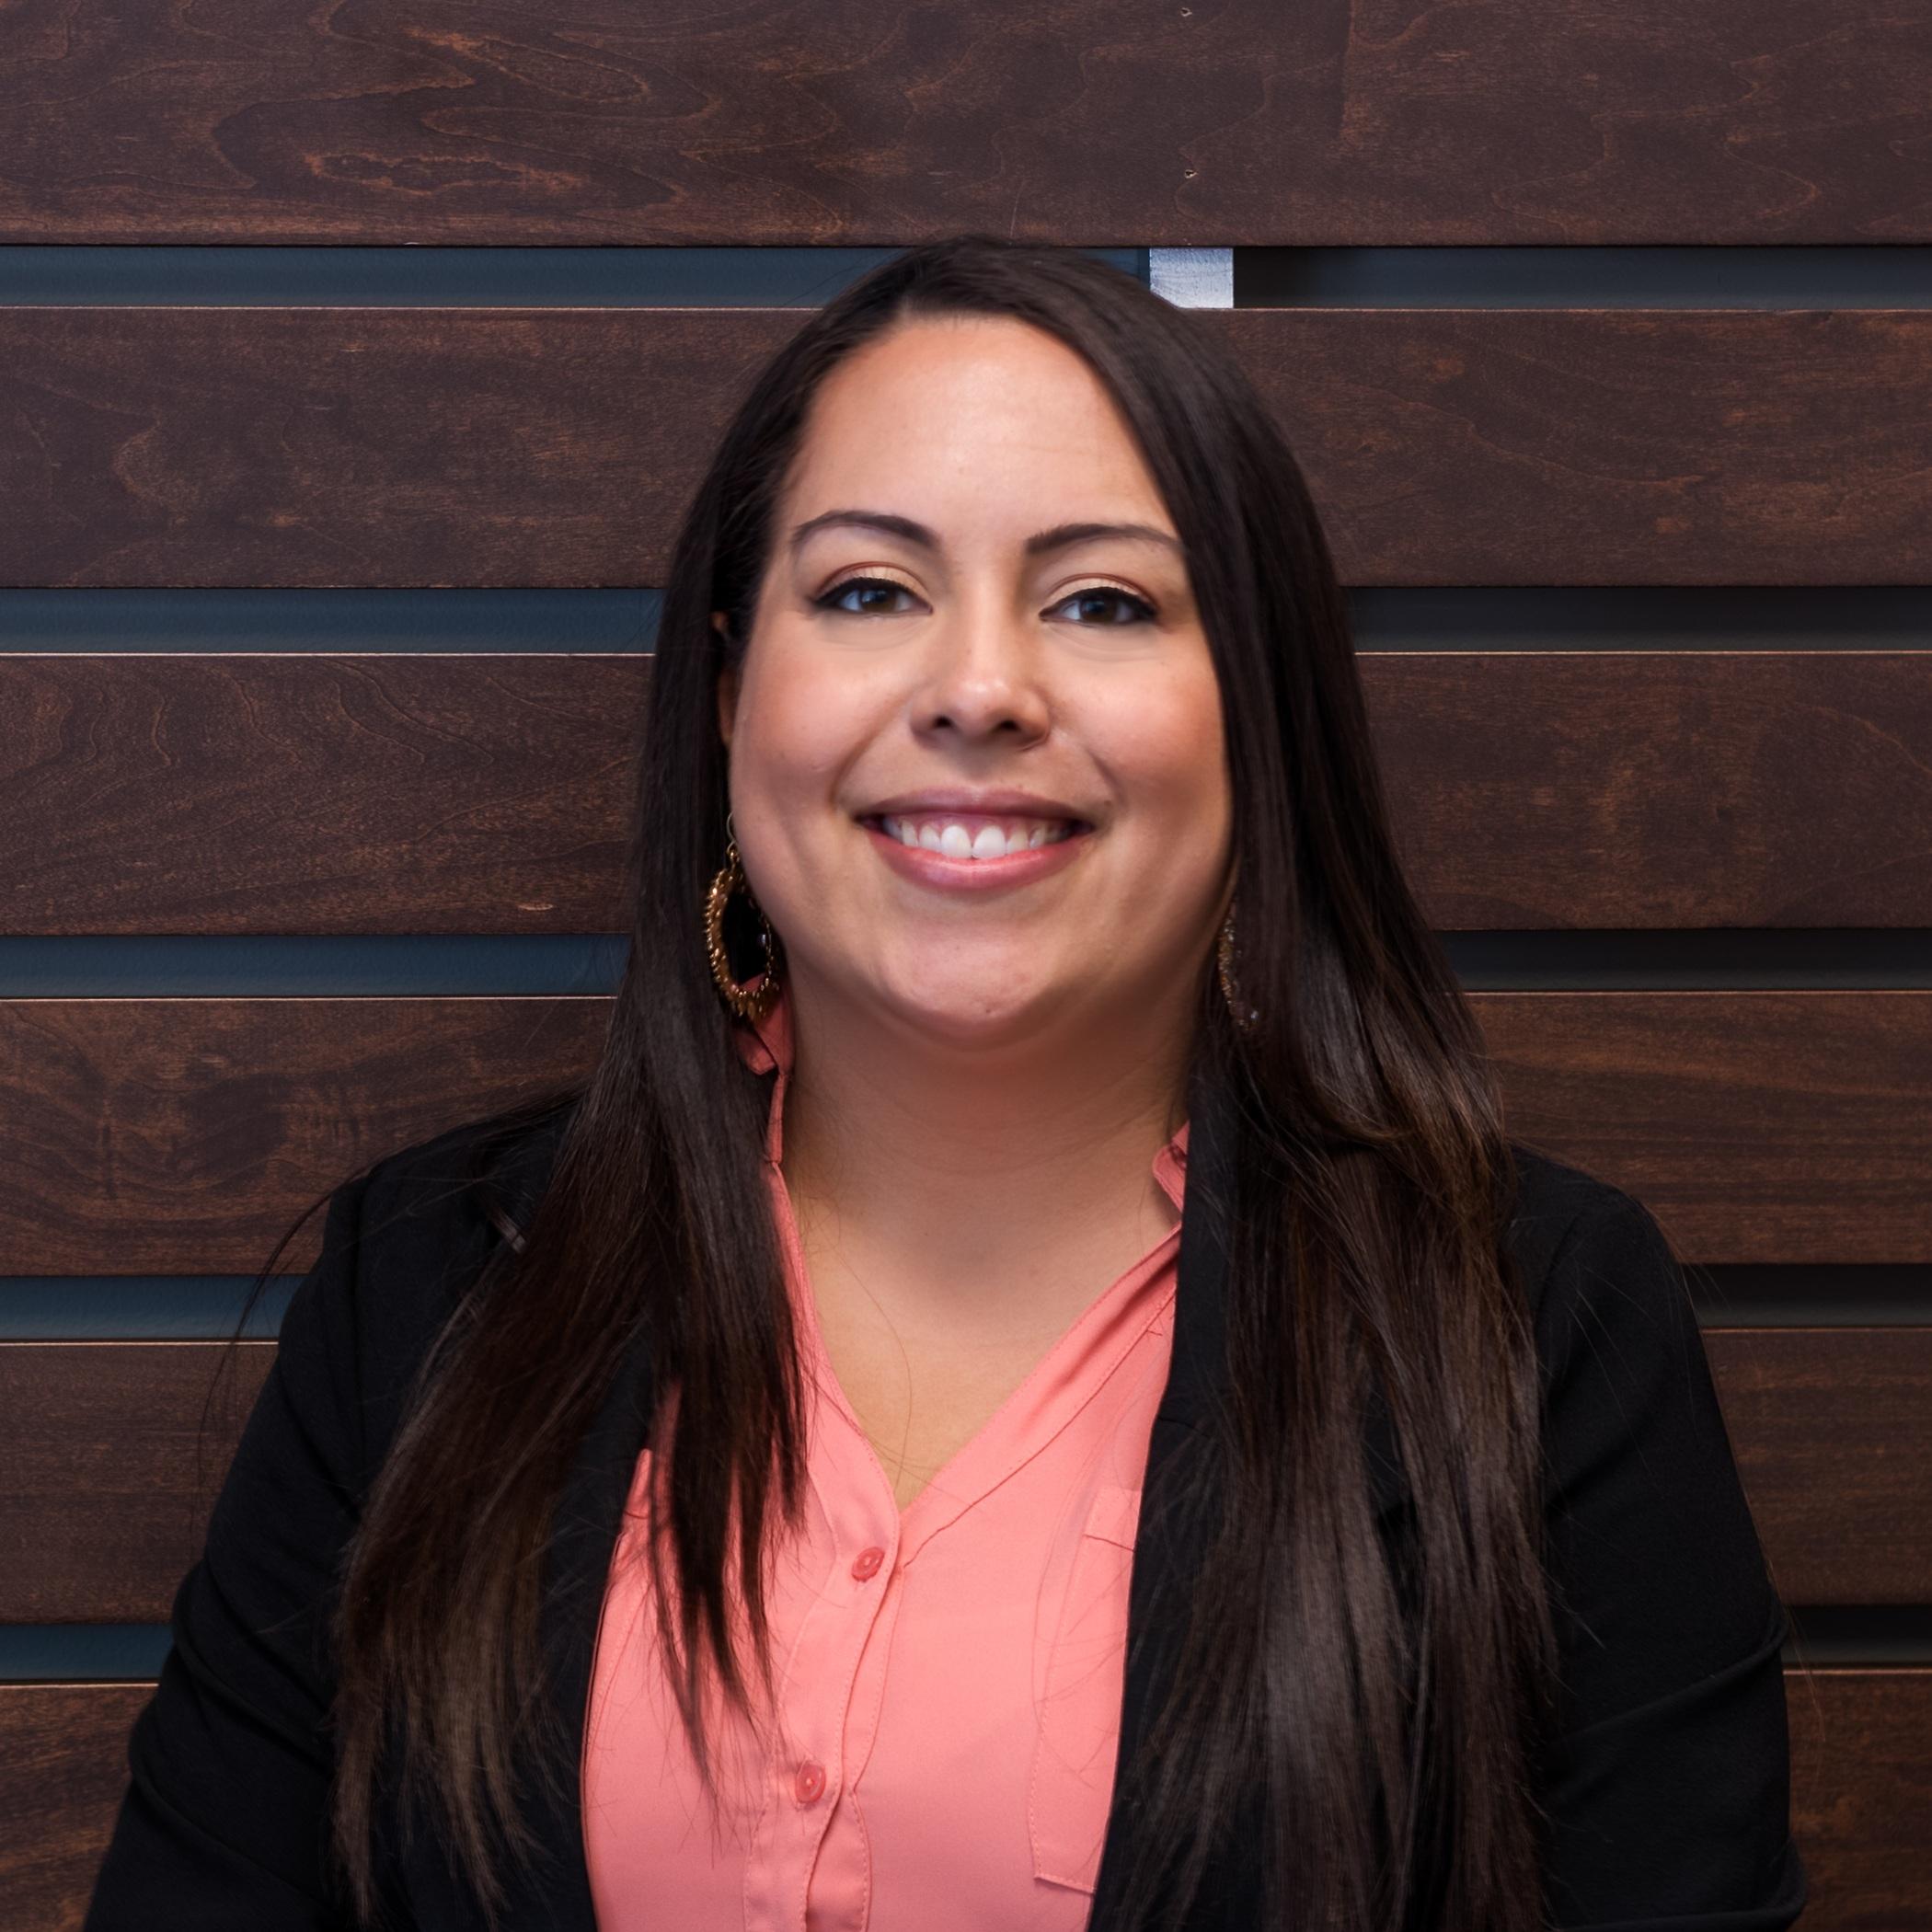 Ana Saballos